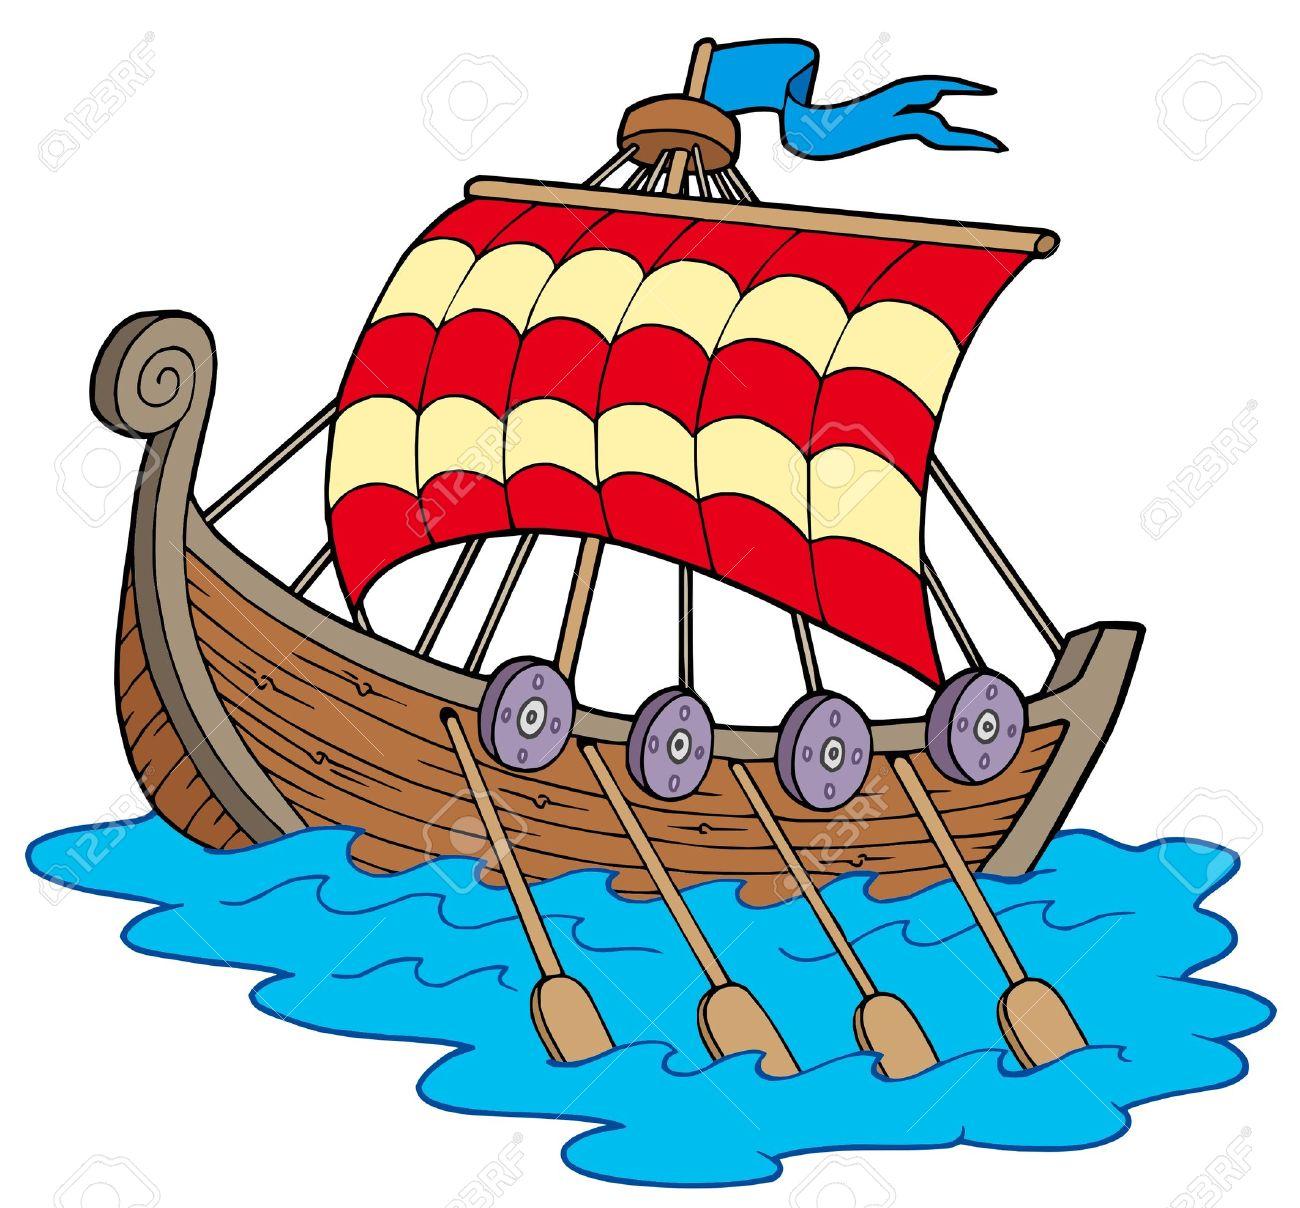 8 774 viking cliparts stock vector and royalty free viking